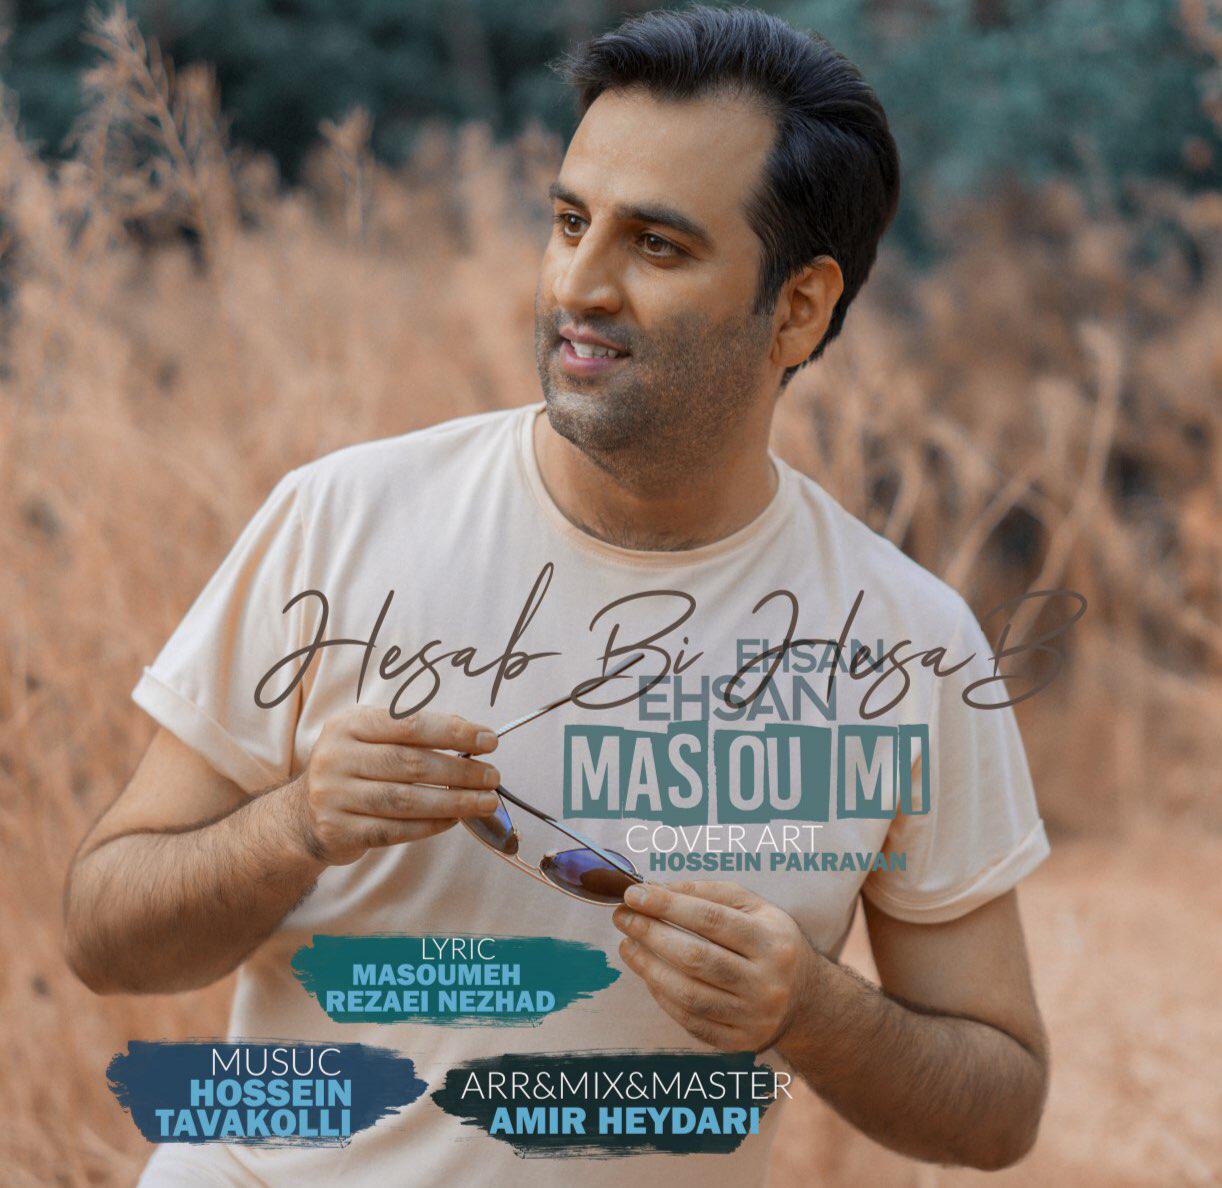 Ehsan Masoumi – Hesab Bi Hesab.